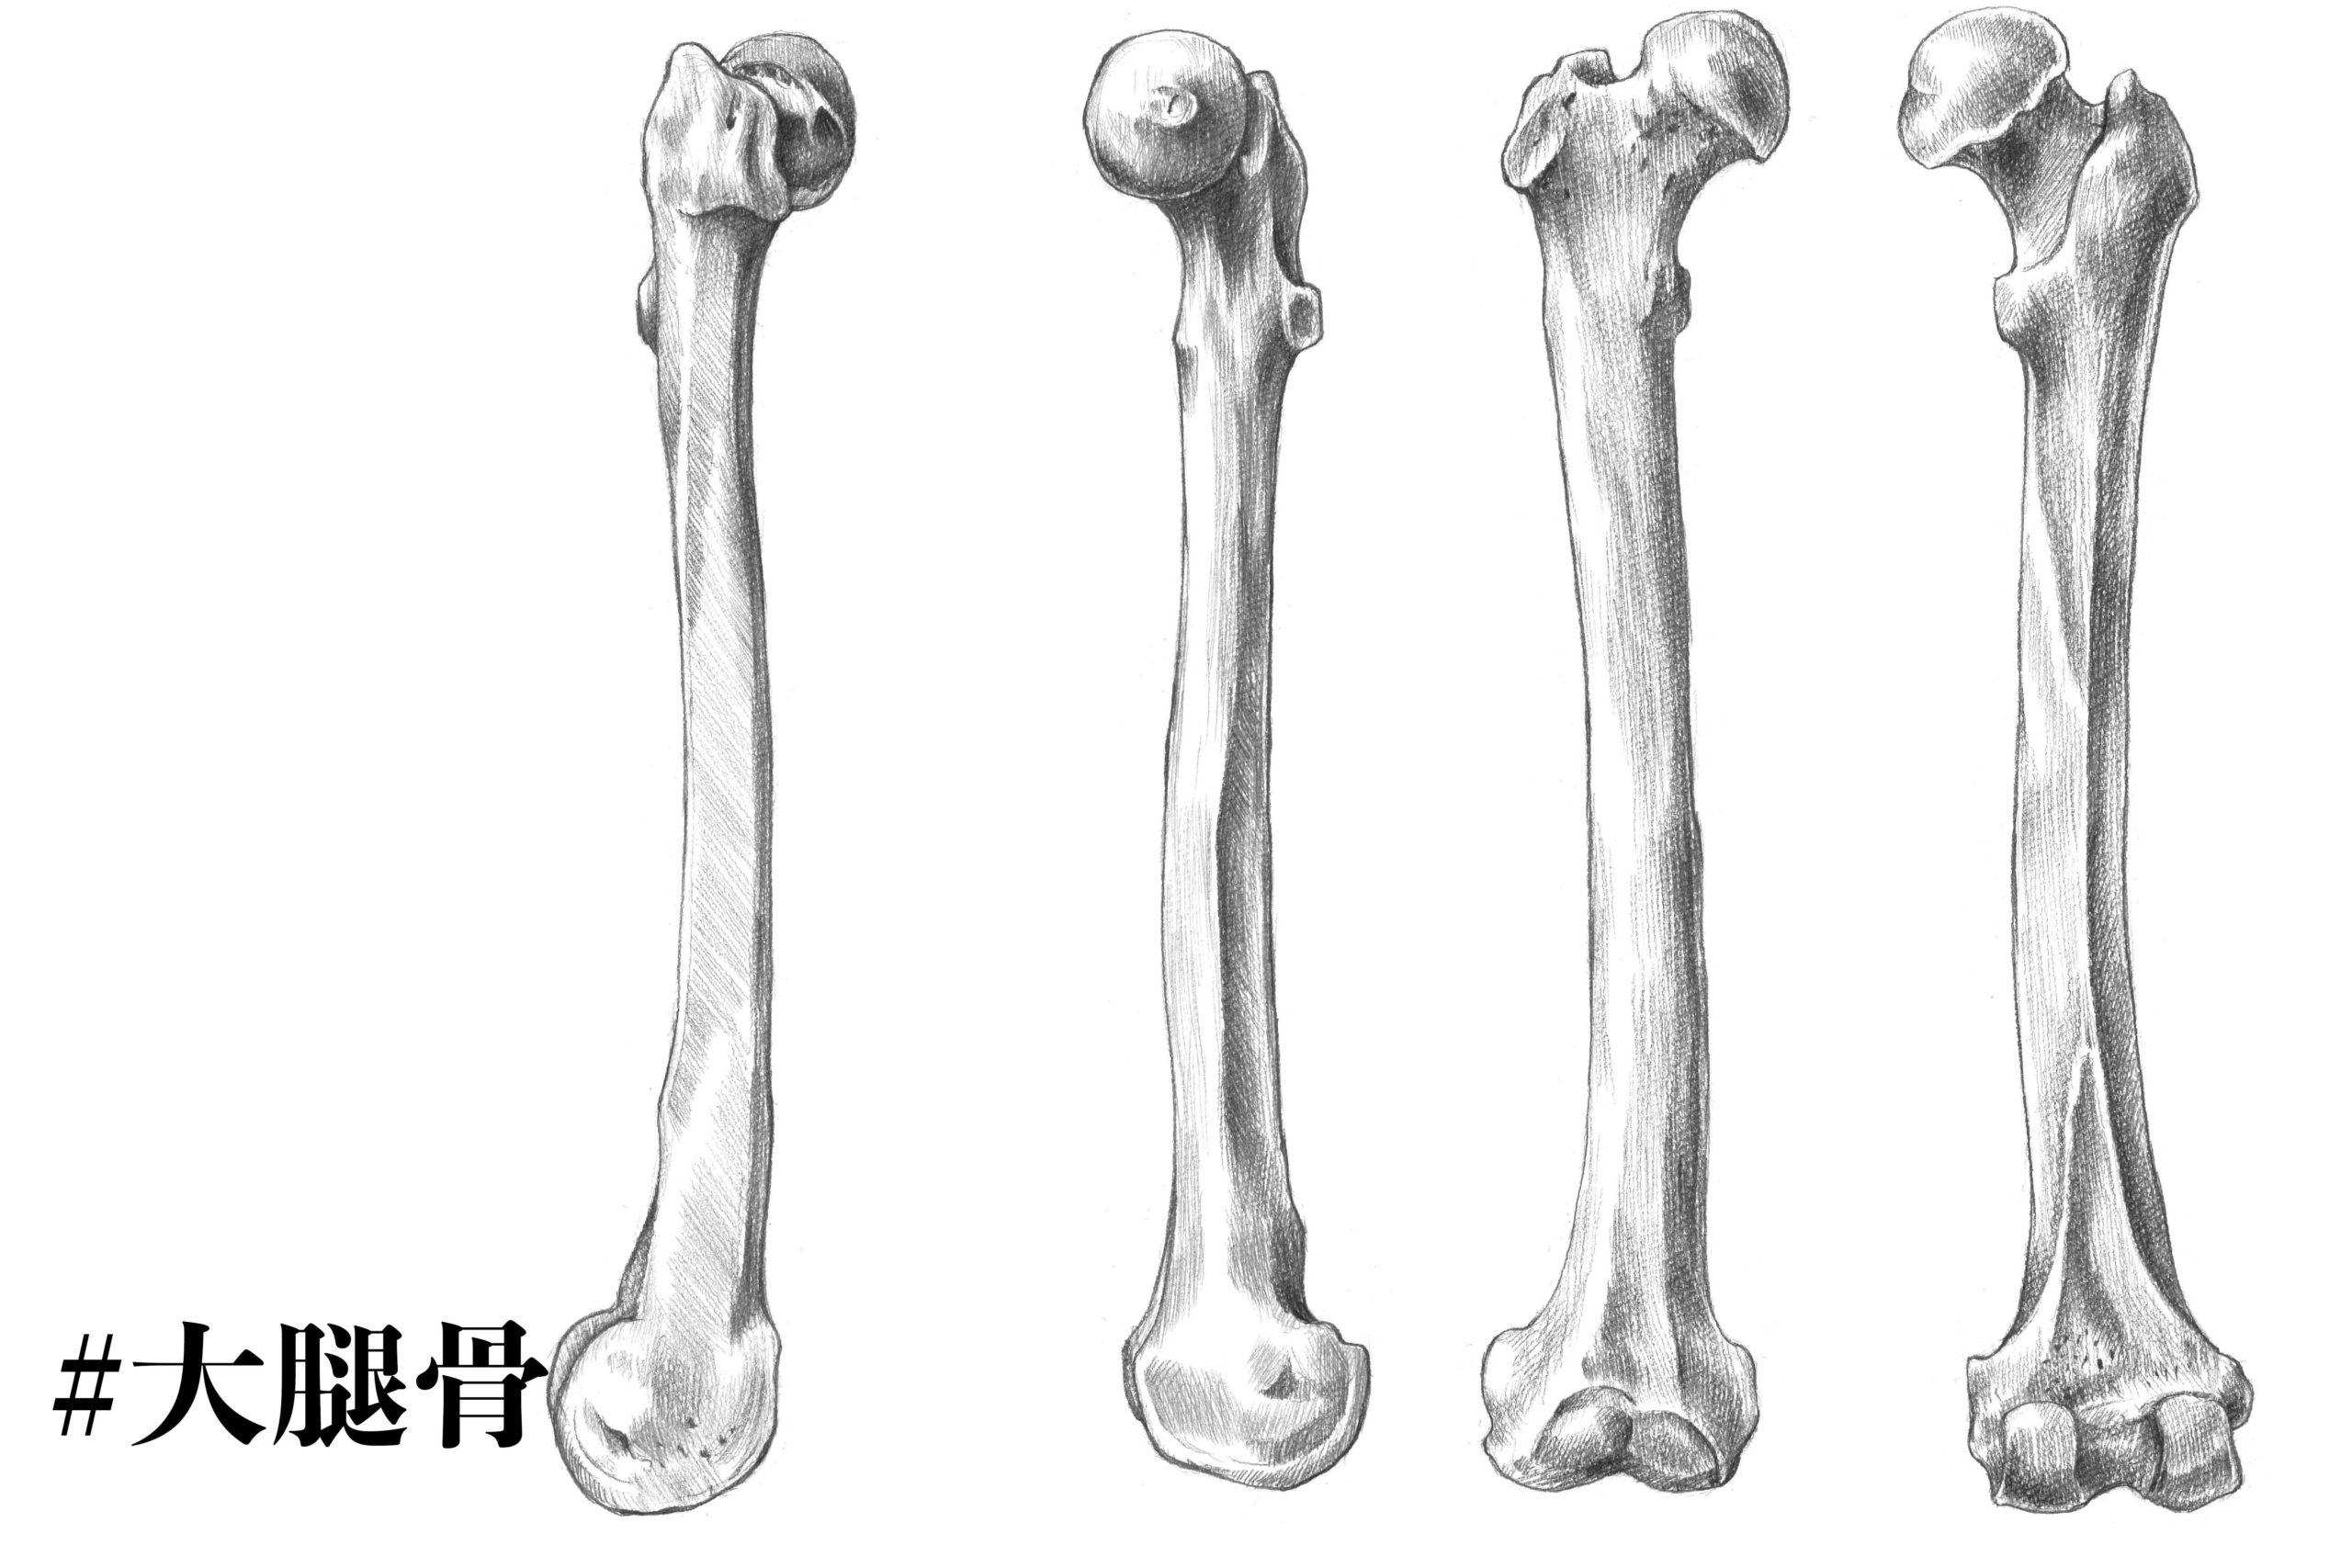 大腿骨についてのスケッチ